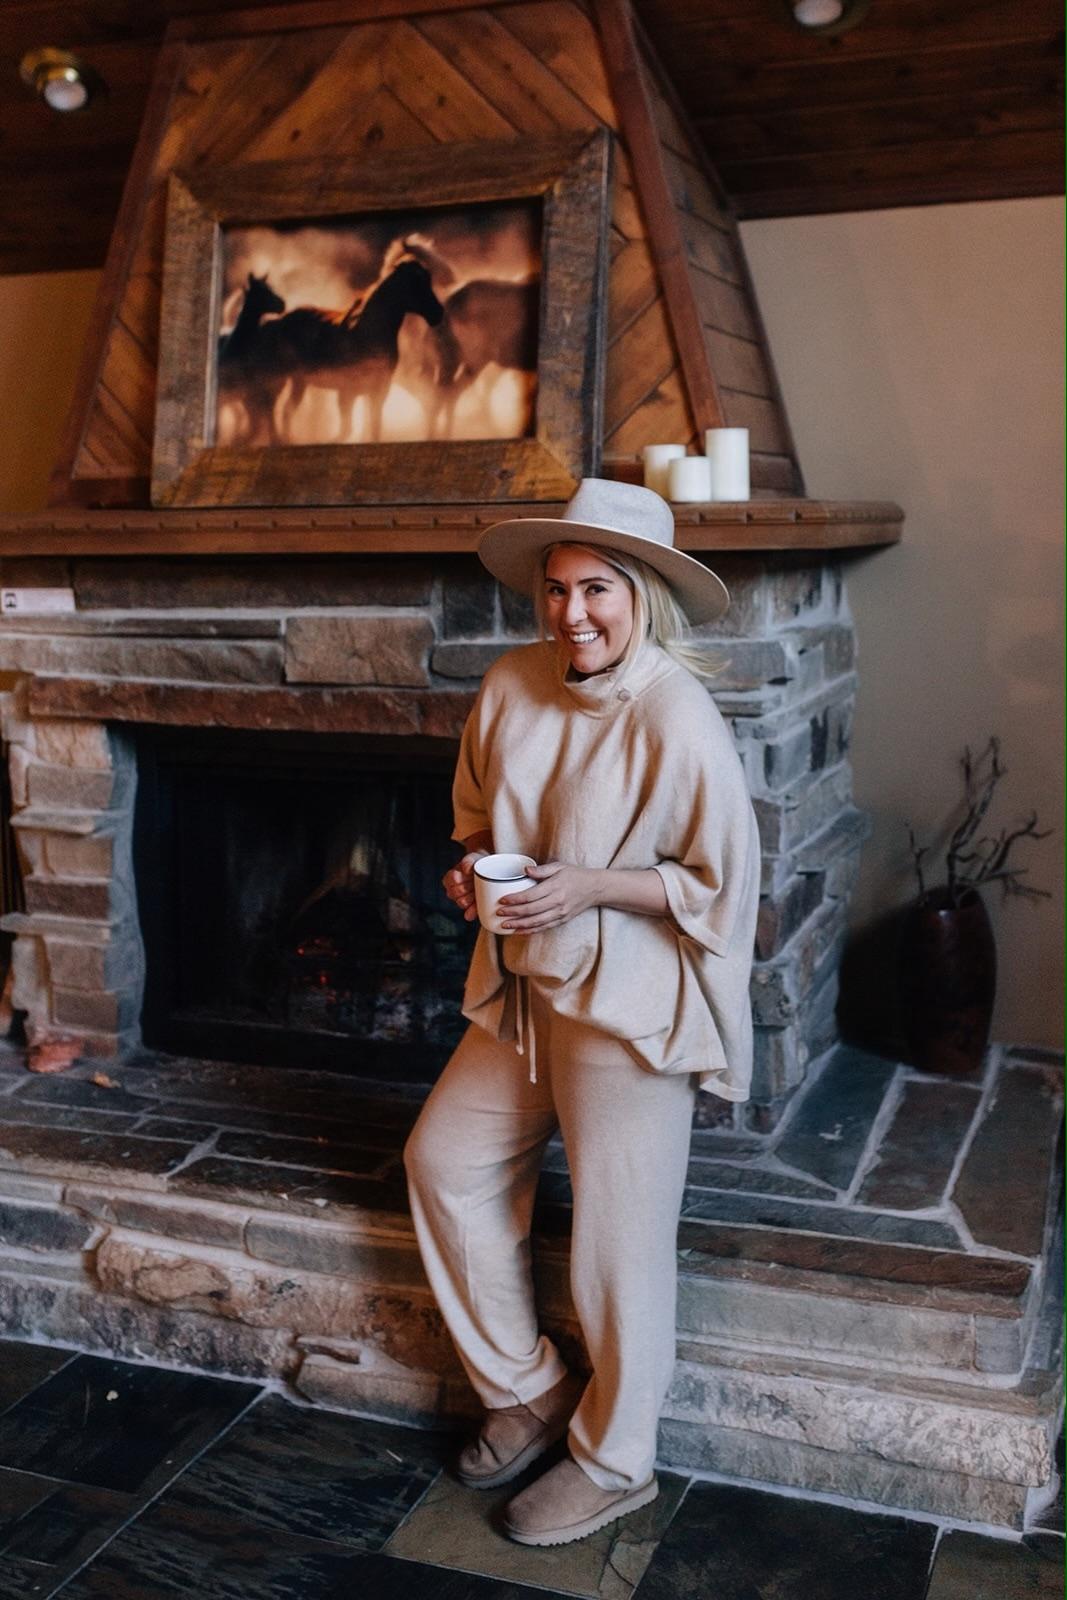 Senreve Cashmere, Senreve Cashmere Pants, Sundance, KatWalkSF, Kat Ensign, Lack of Color Hat, Cashmere Cape, Cashmere Outfit